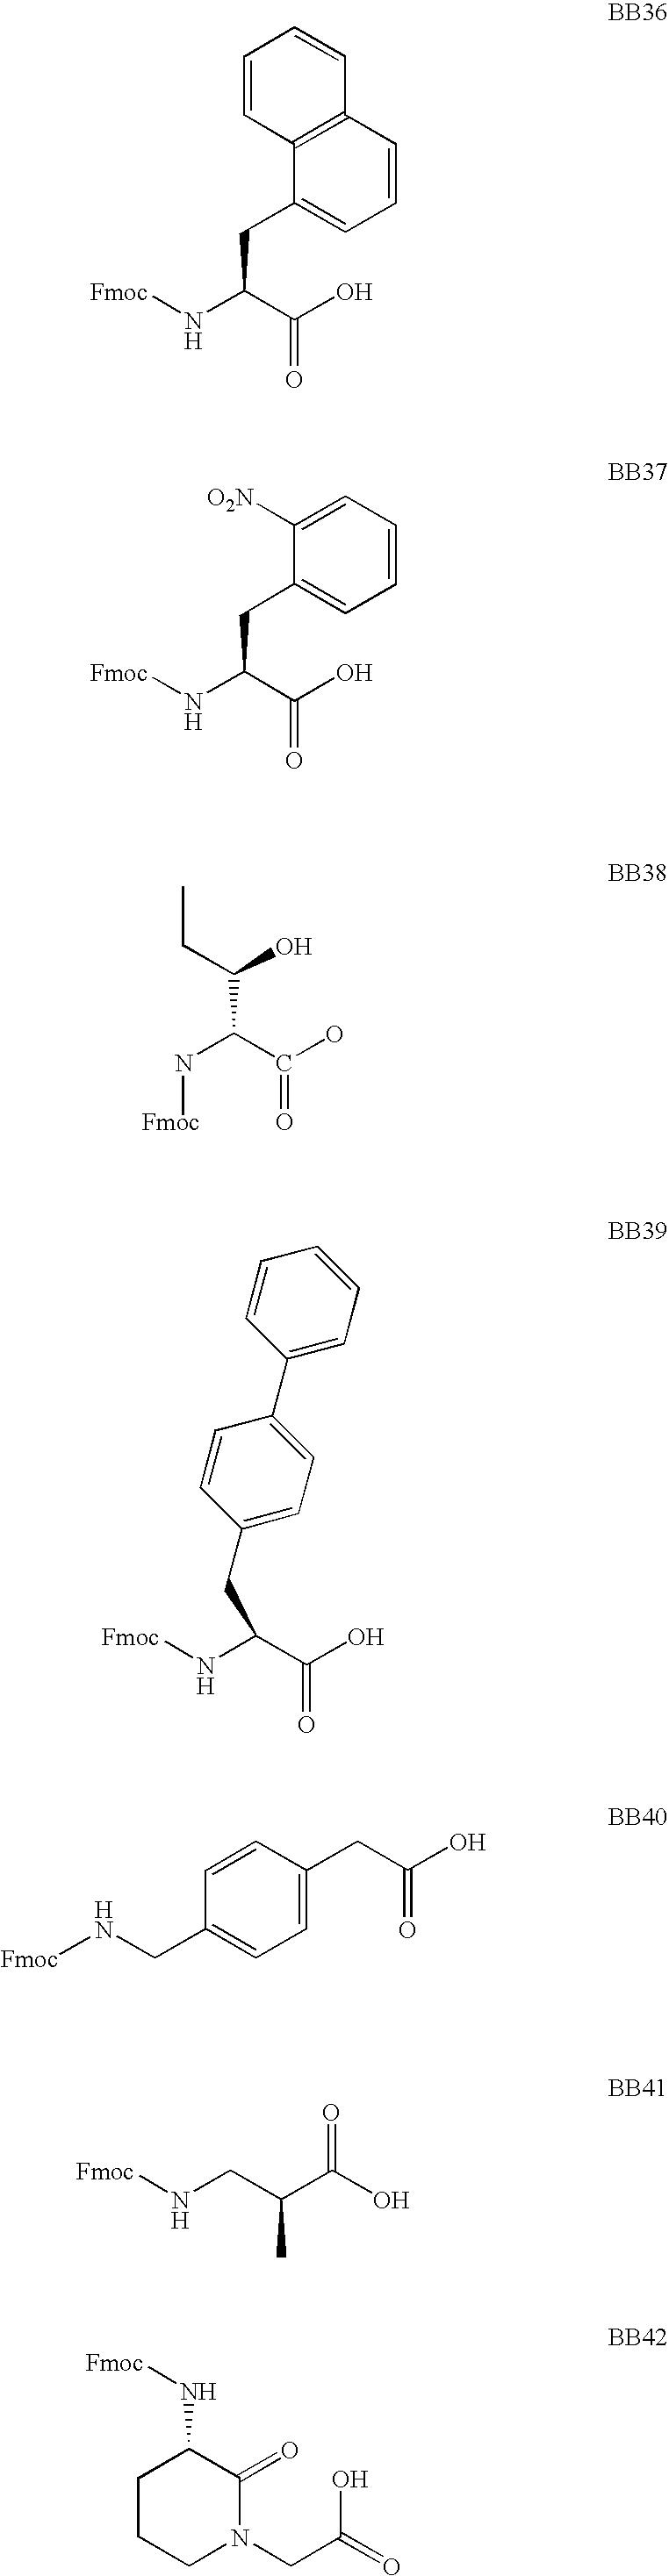 Figure US07972994-20110705-C00120